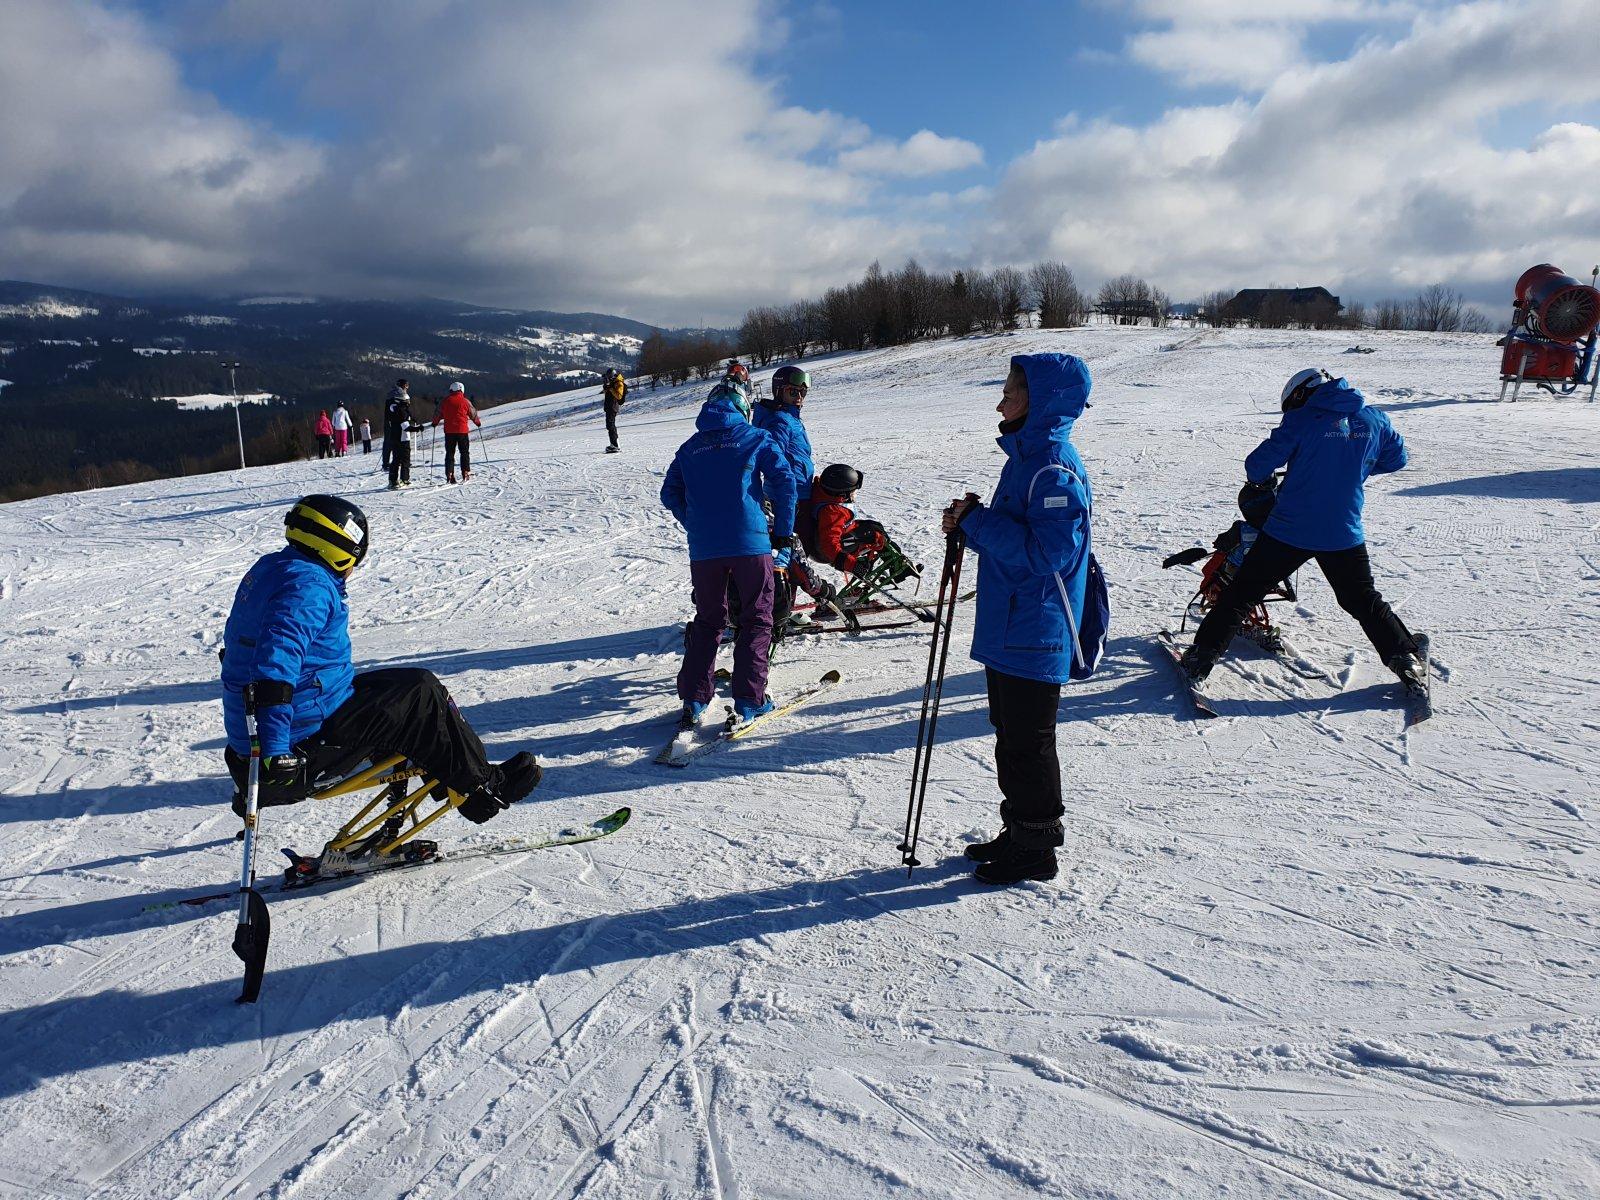 Śnieg + Adrenalina Junior 2021 - Narciarstwo zjazdowe dzieci i młodzieży z niepełnosprawnością ruchową - Fundacja Aktywni Bez Barier